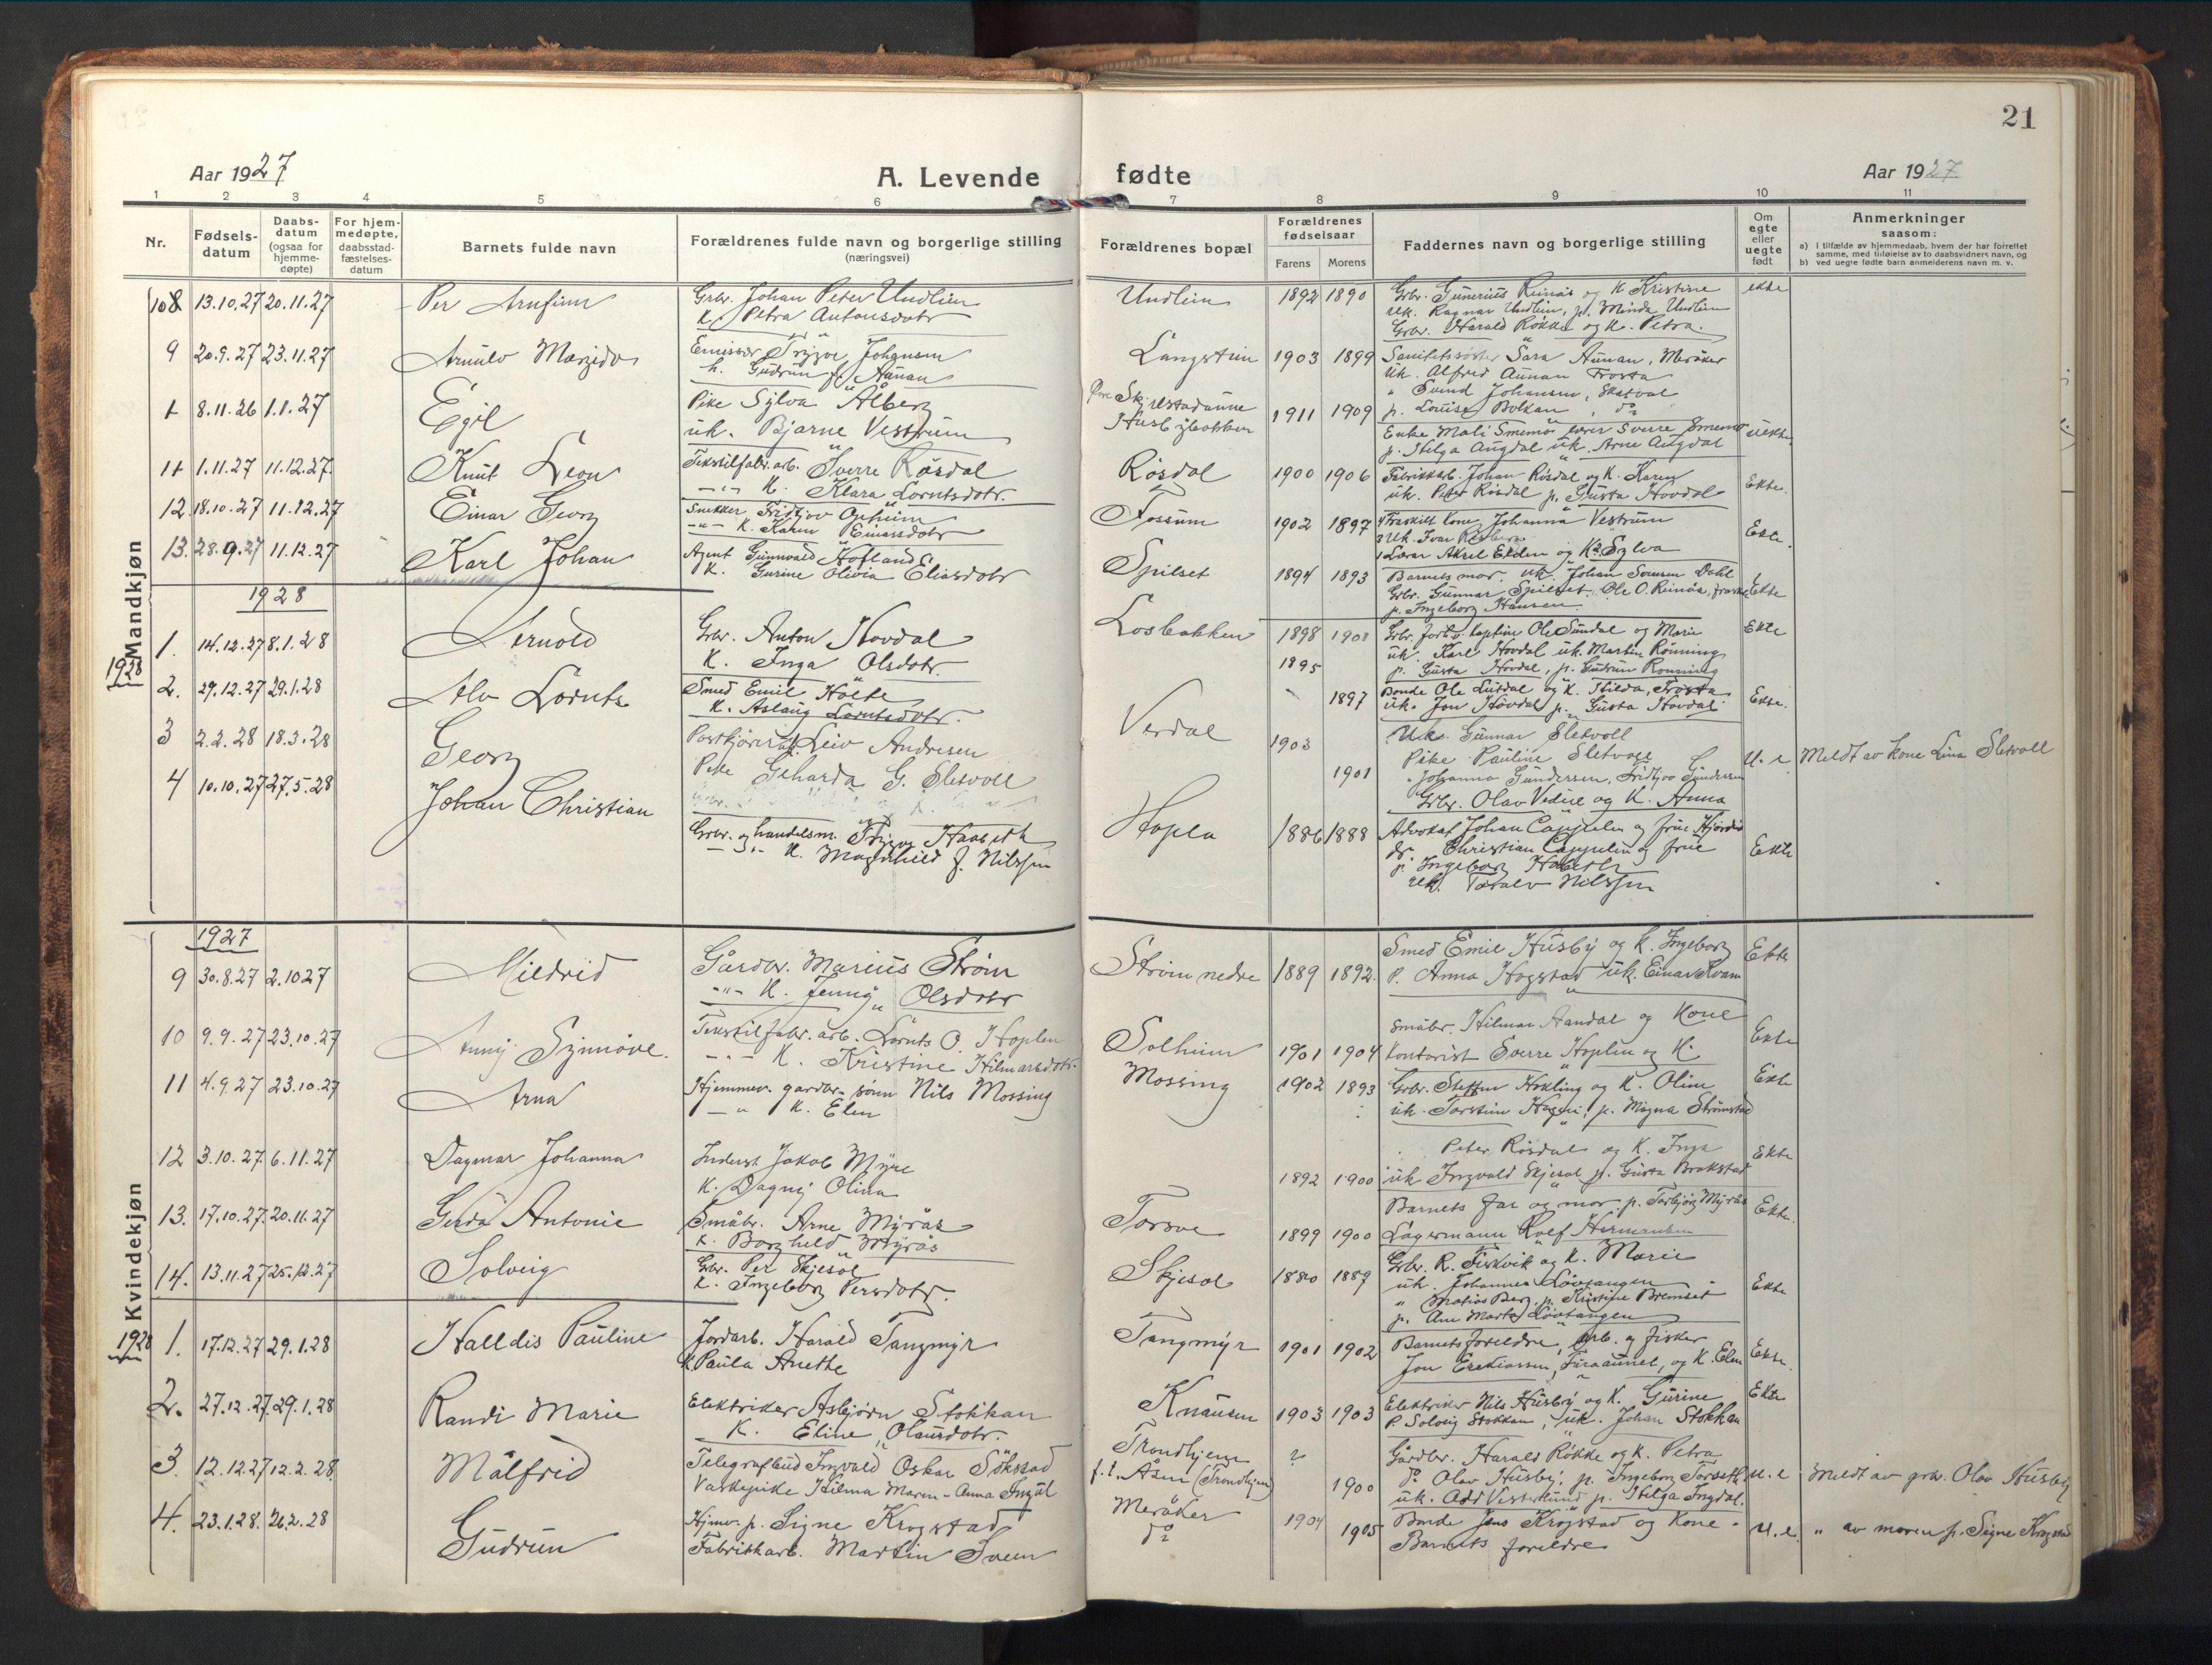 SAT, Ministerialprotokoller, klokkerbøker og fødselsregistre - Nord-Trøndelag, 714/L0136: Klokkerbok nr. 714C05, 1918-1957, s. 21